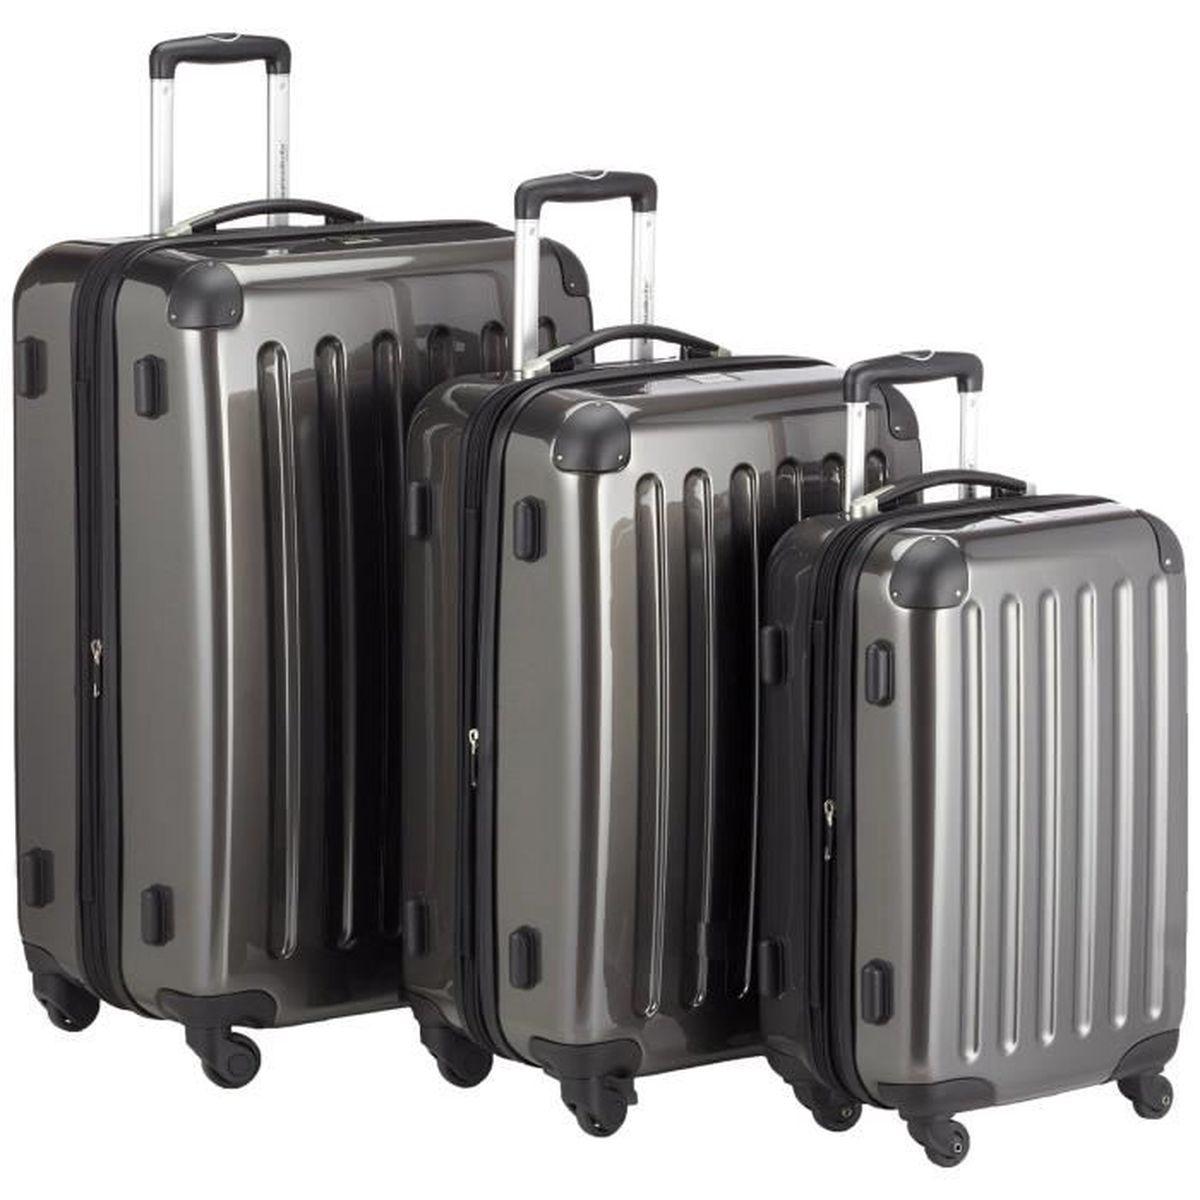 valise hauptstadtkoffer achat vente valise hauptstadtkoffer pas cher les soldes sur. Black Bedroom Furniture Sets. Home Design Ideas